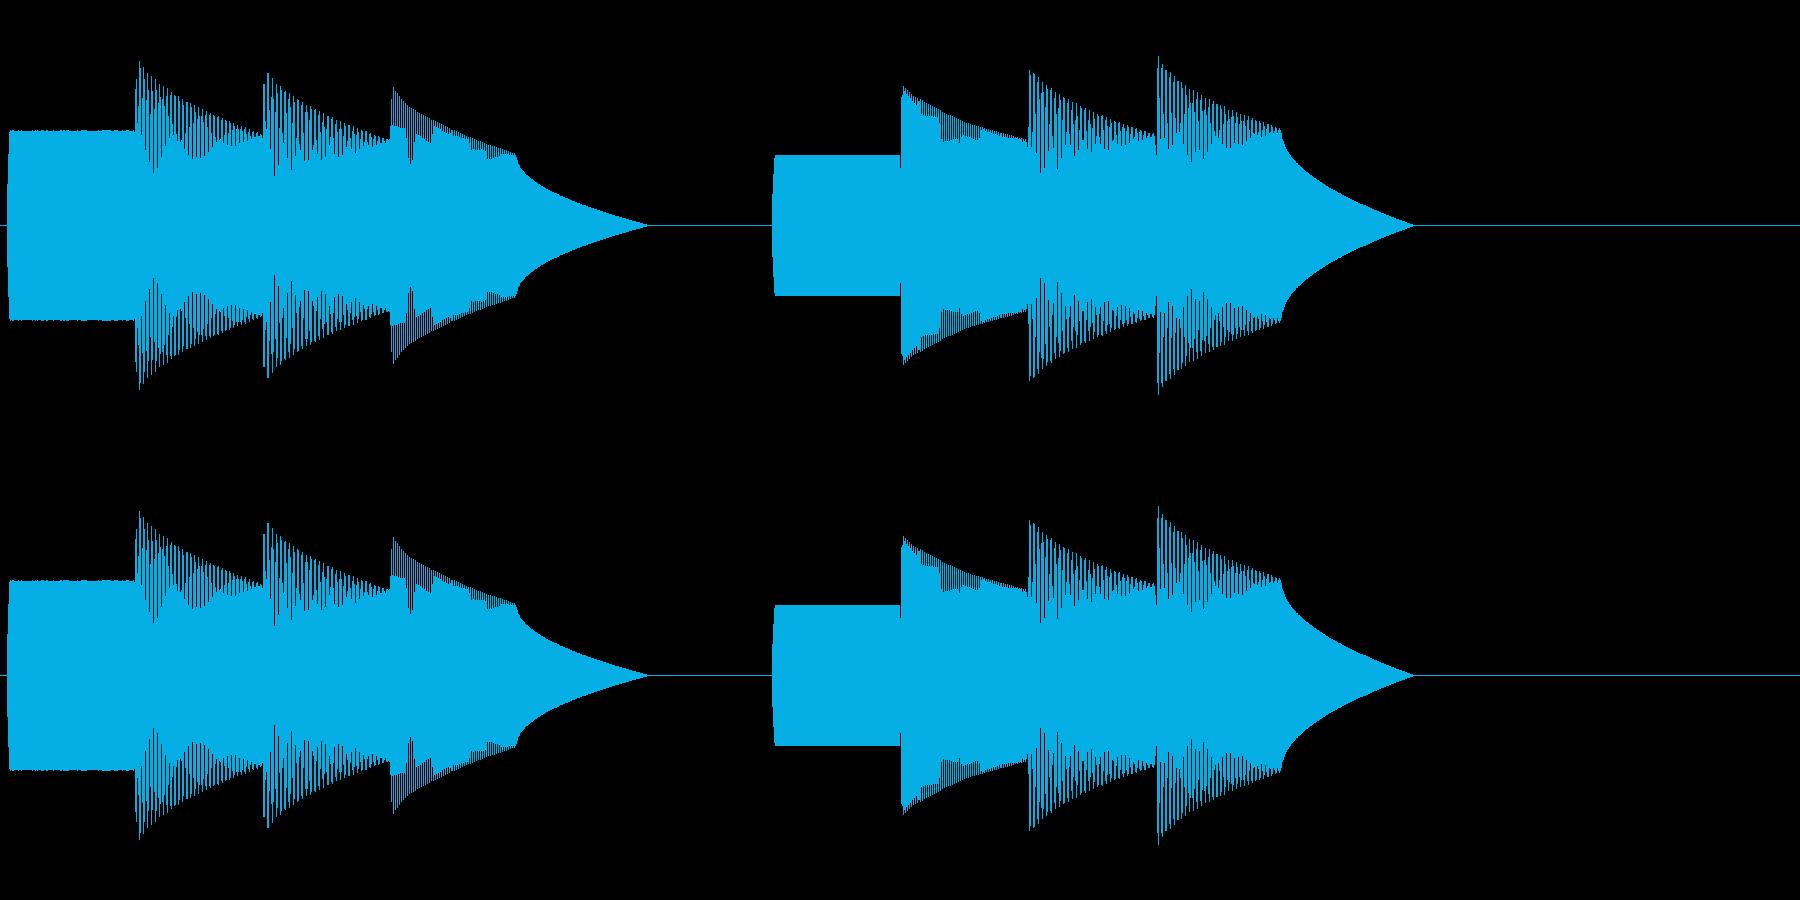 ピンポンパンポン(デパート等の呼び出し)の再生済みの波形